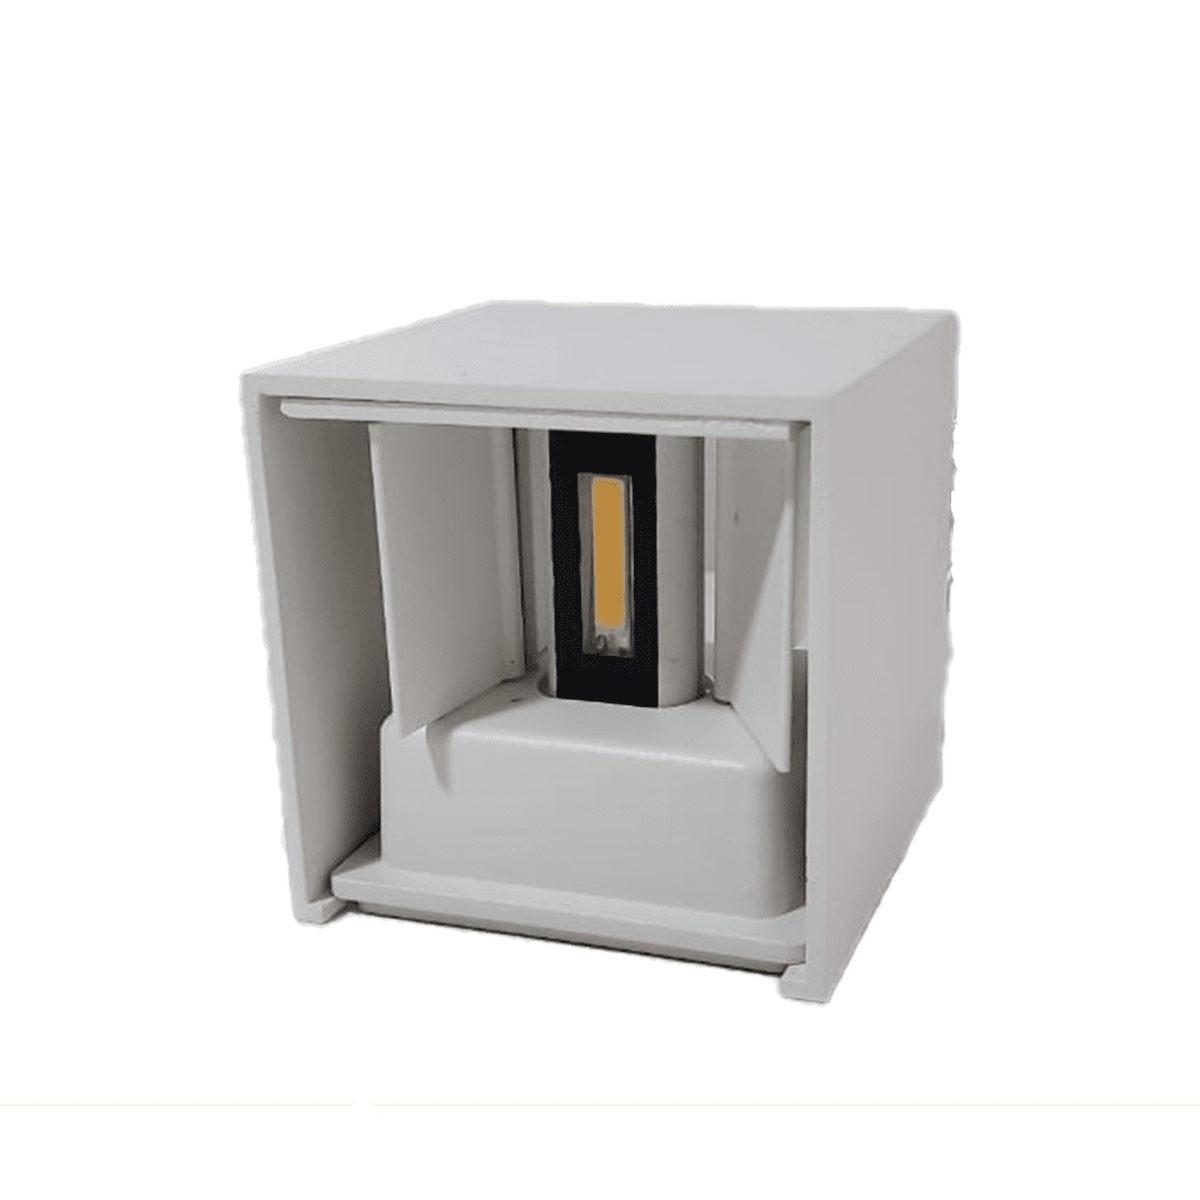 ARANDELA 6W 2 FACHOS 6500K (Branco Frio)